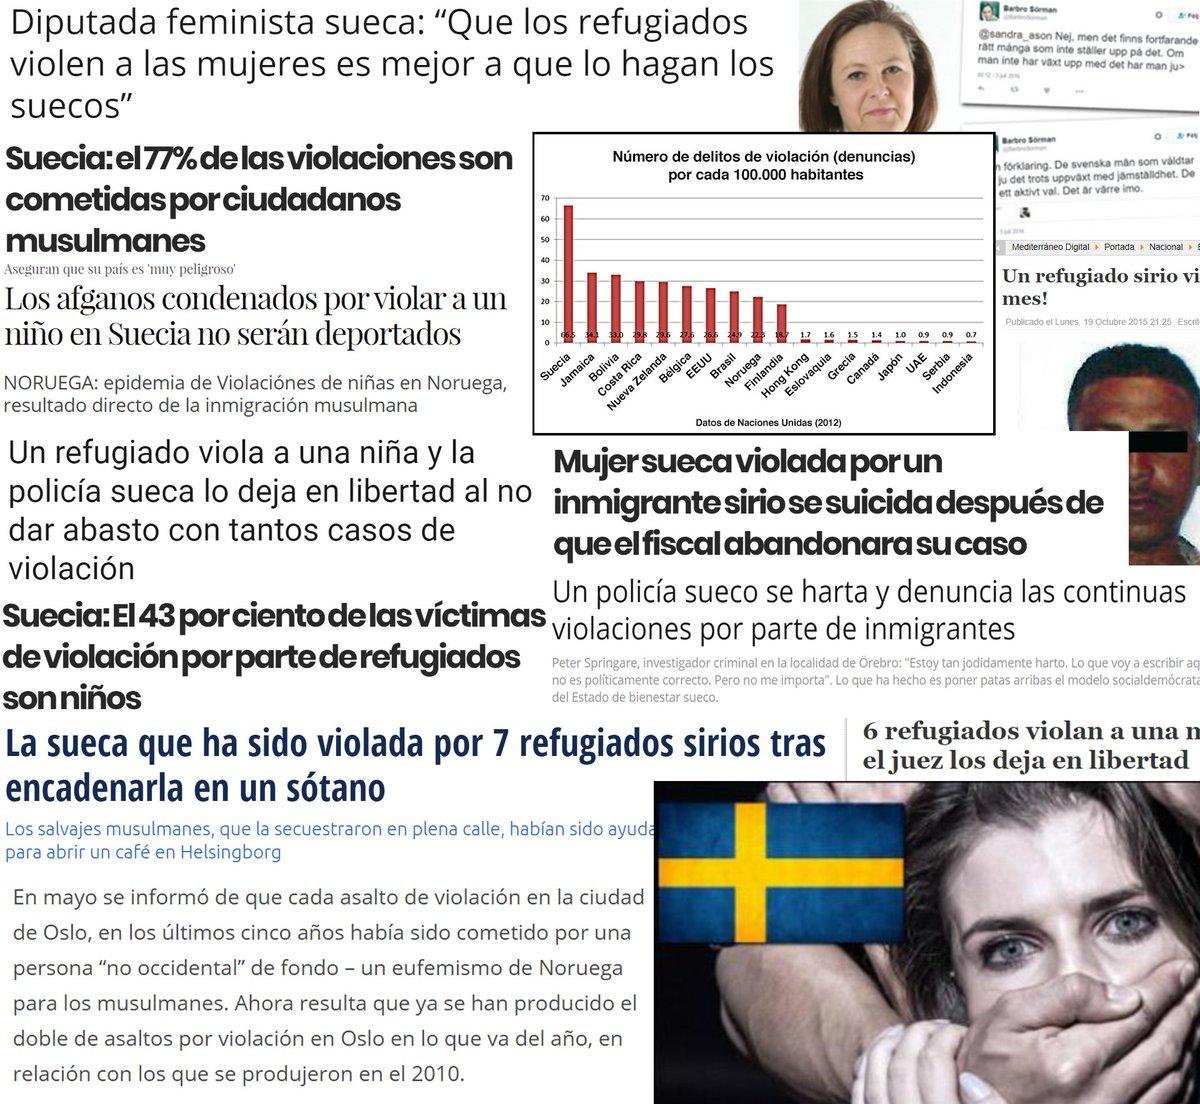 Image result for diputado sueco multado por denunciar violaciones islamicas